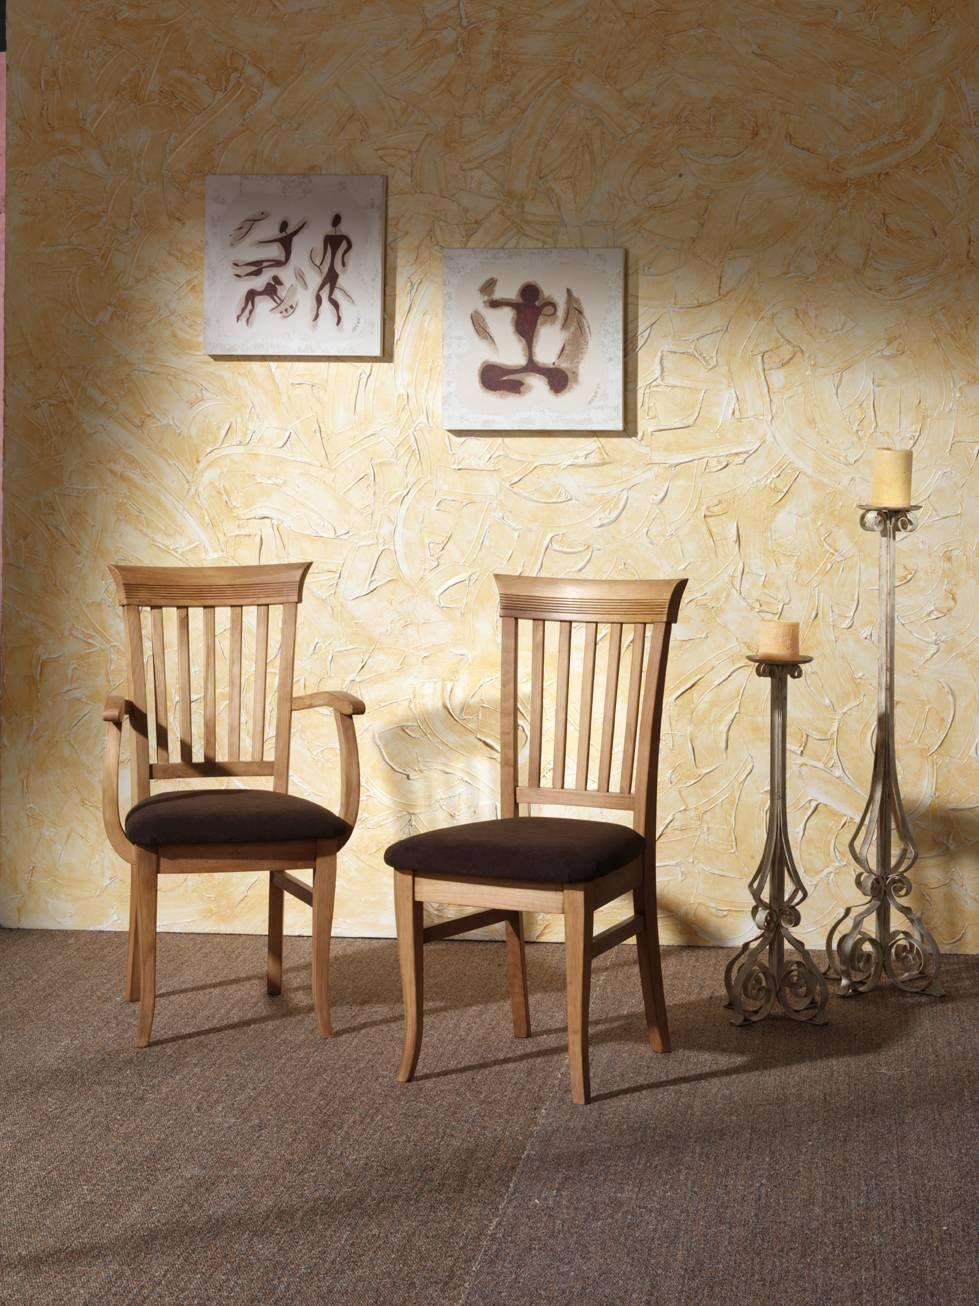 Silla de comedor m 99 de madera de pino maciza con for Disenos de sillas de madera para comedor